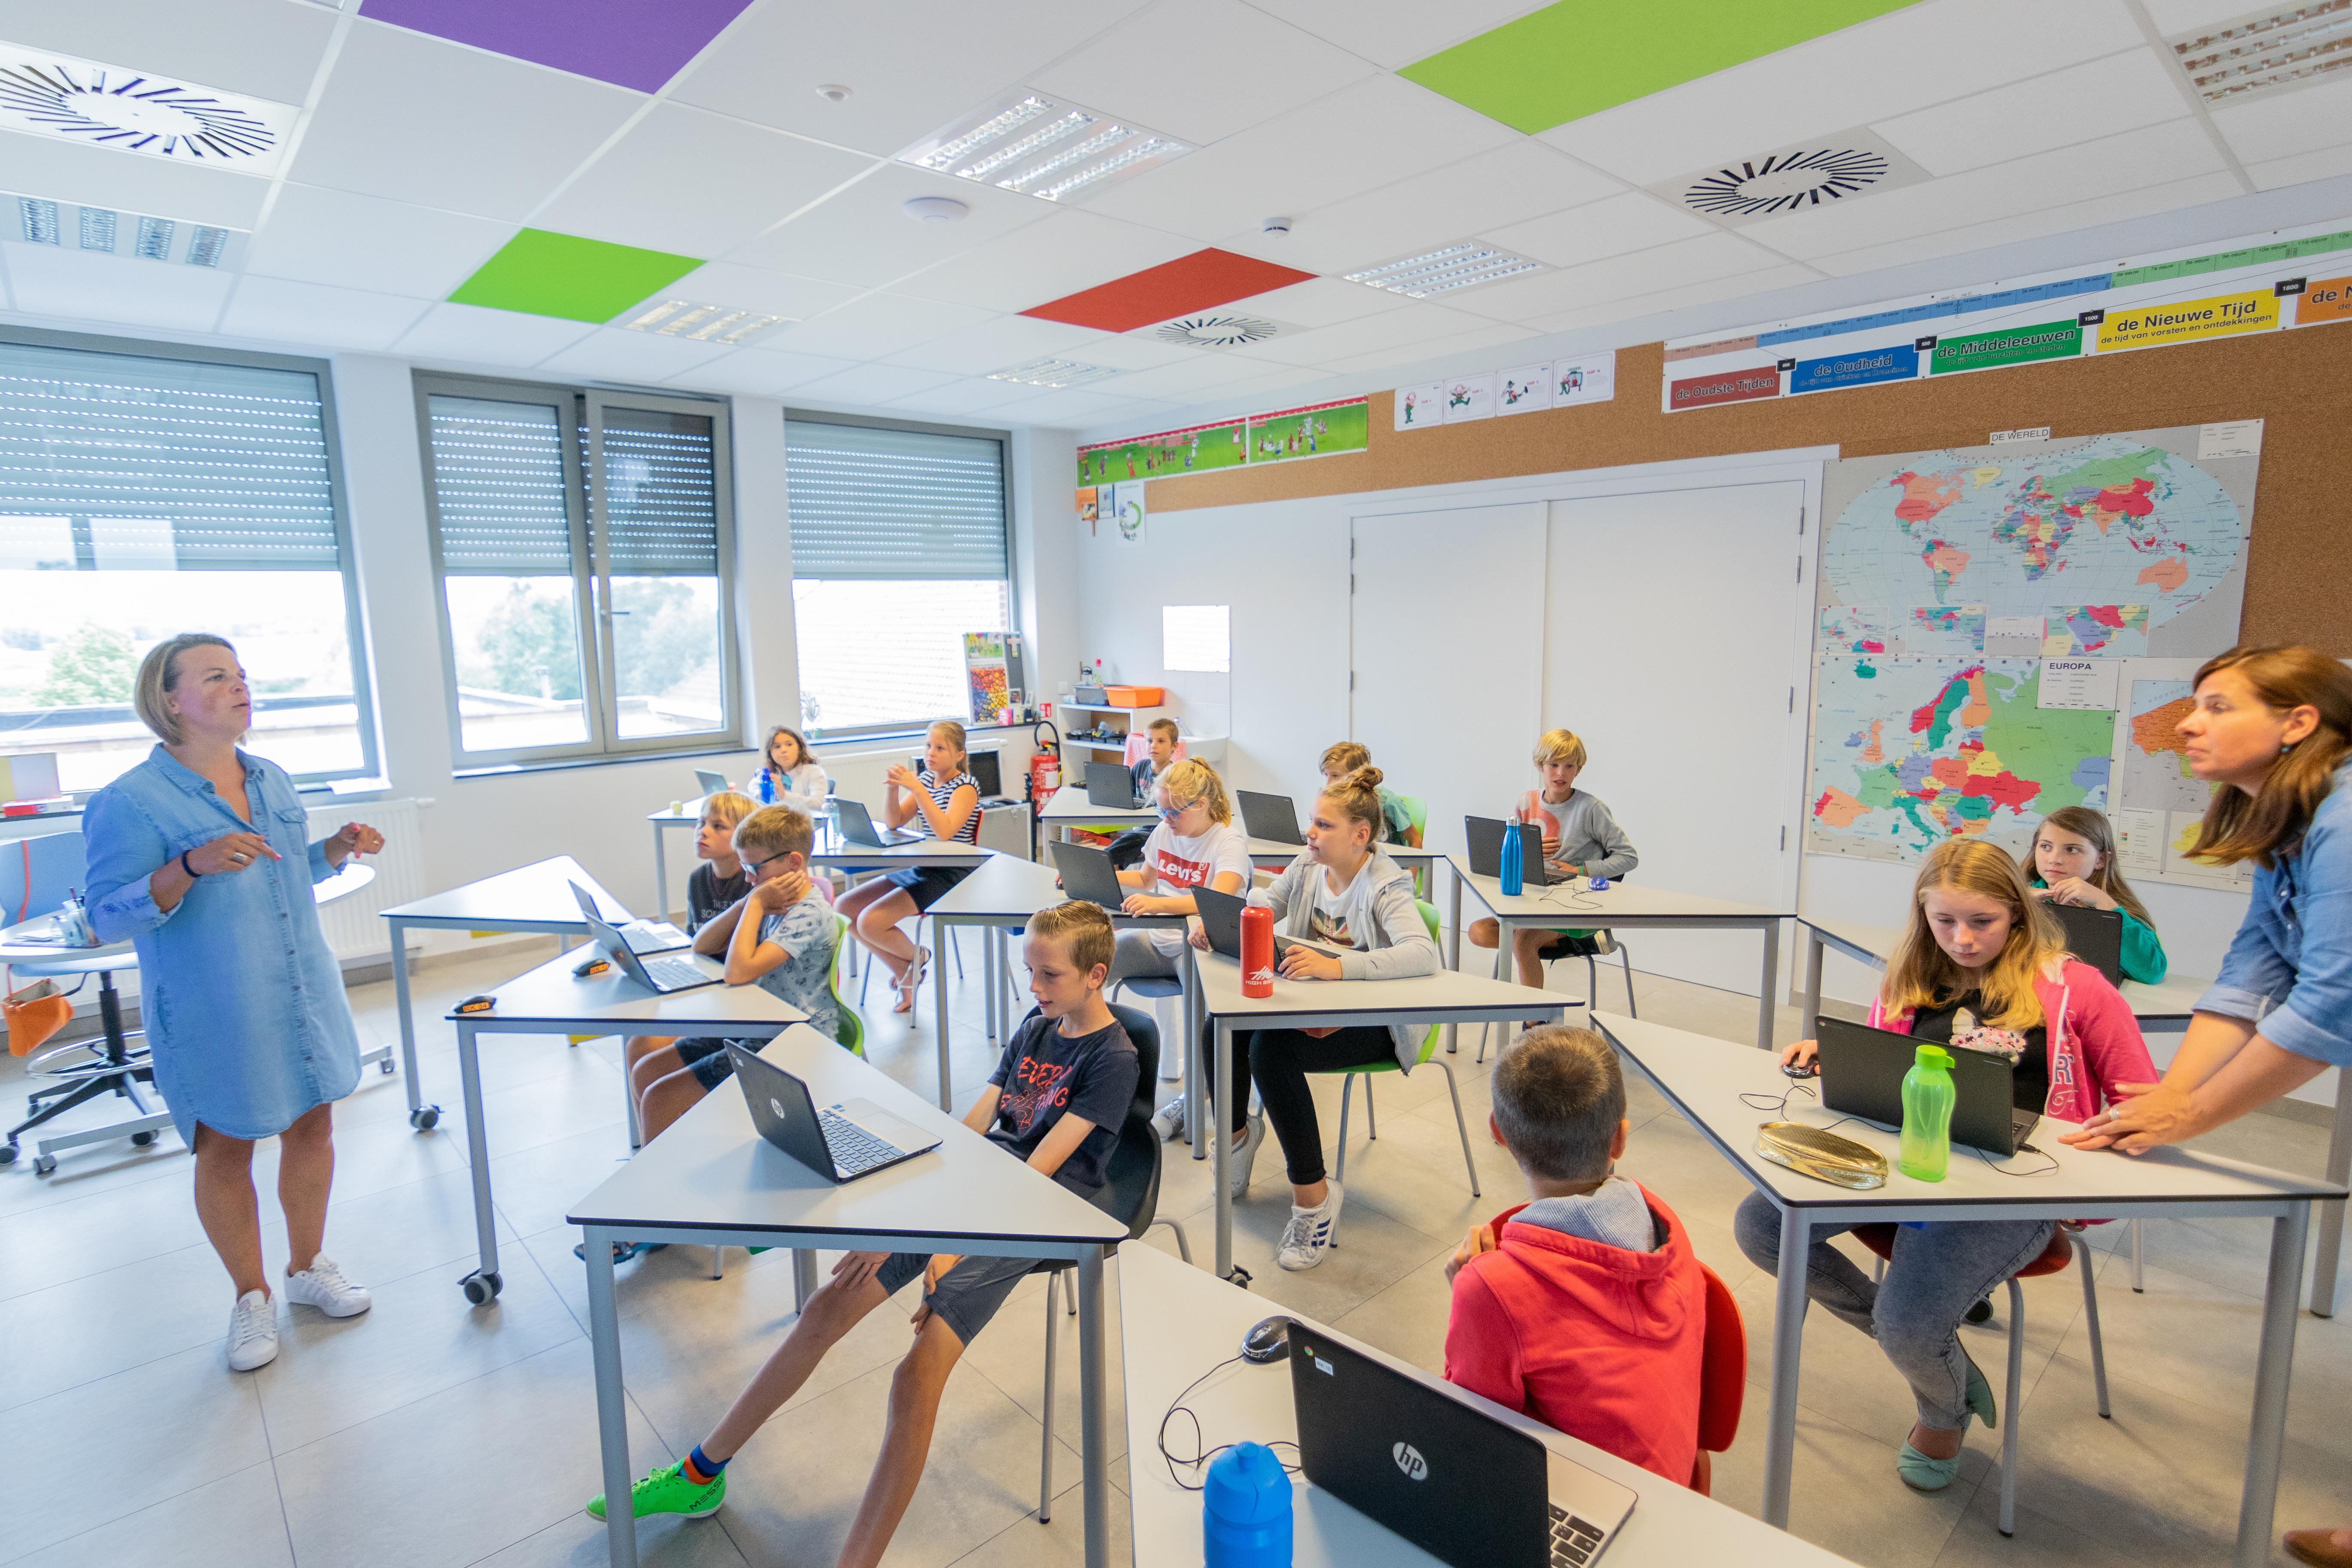 fourcast-google-for-education-24.jpg